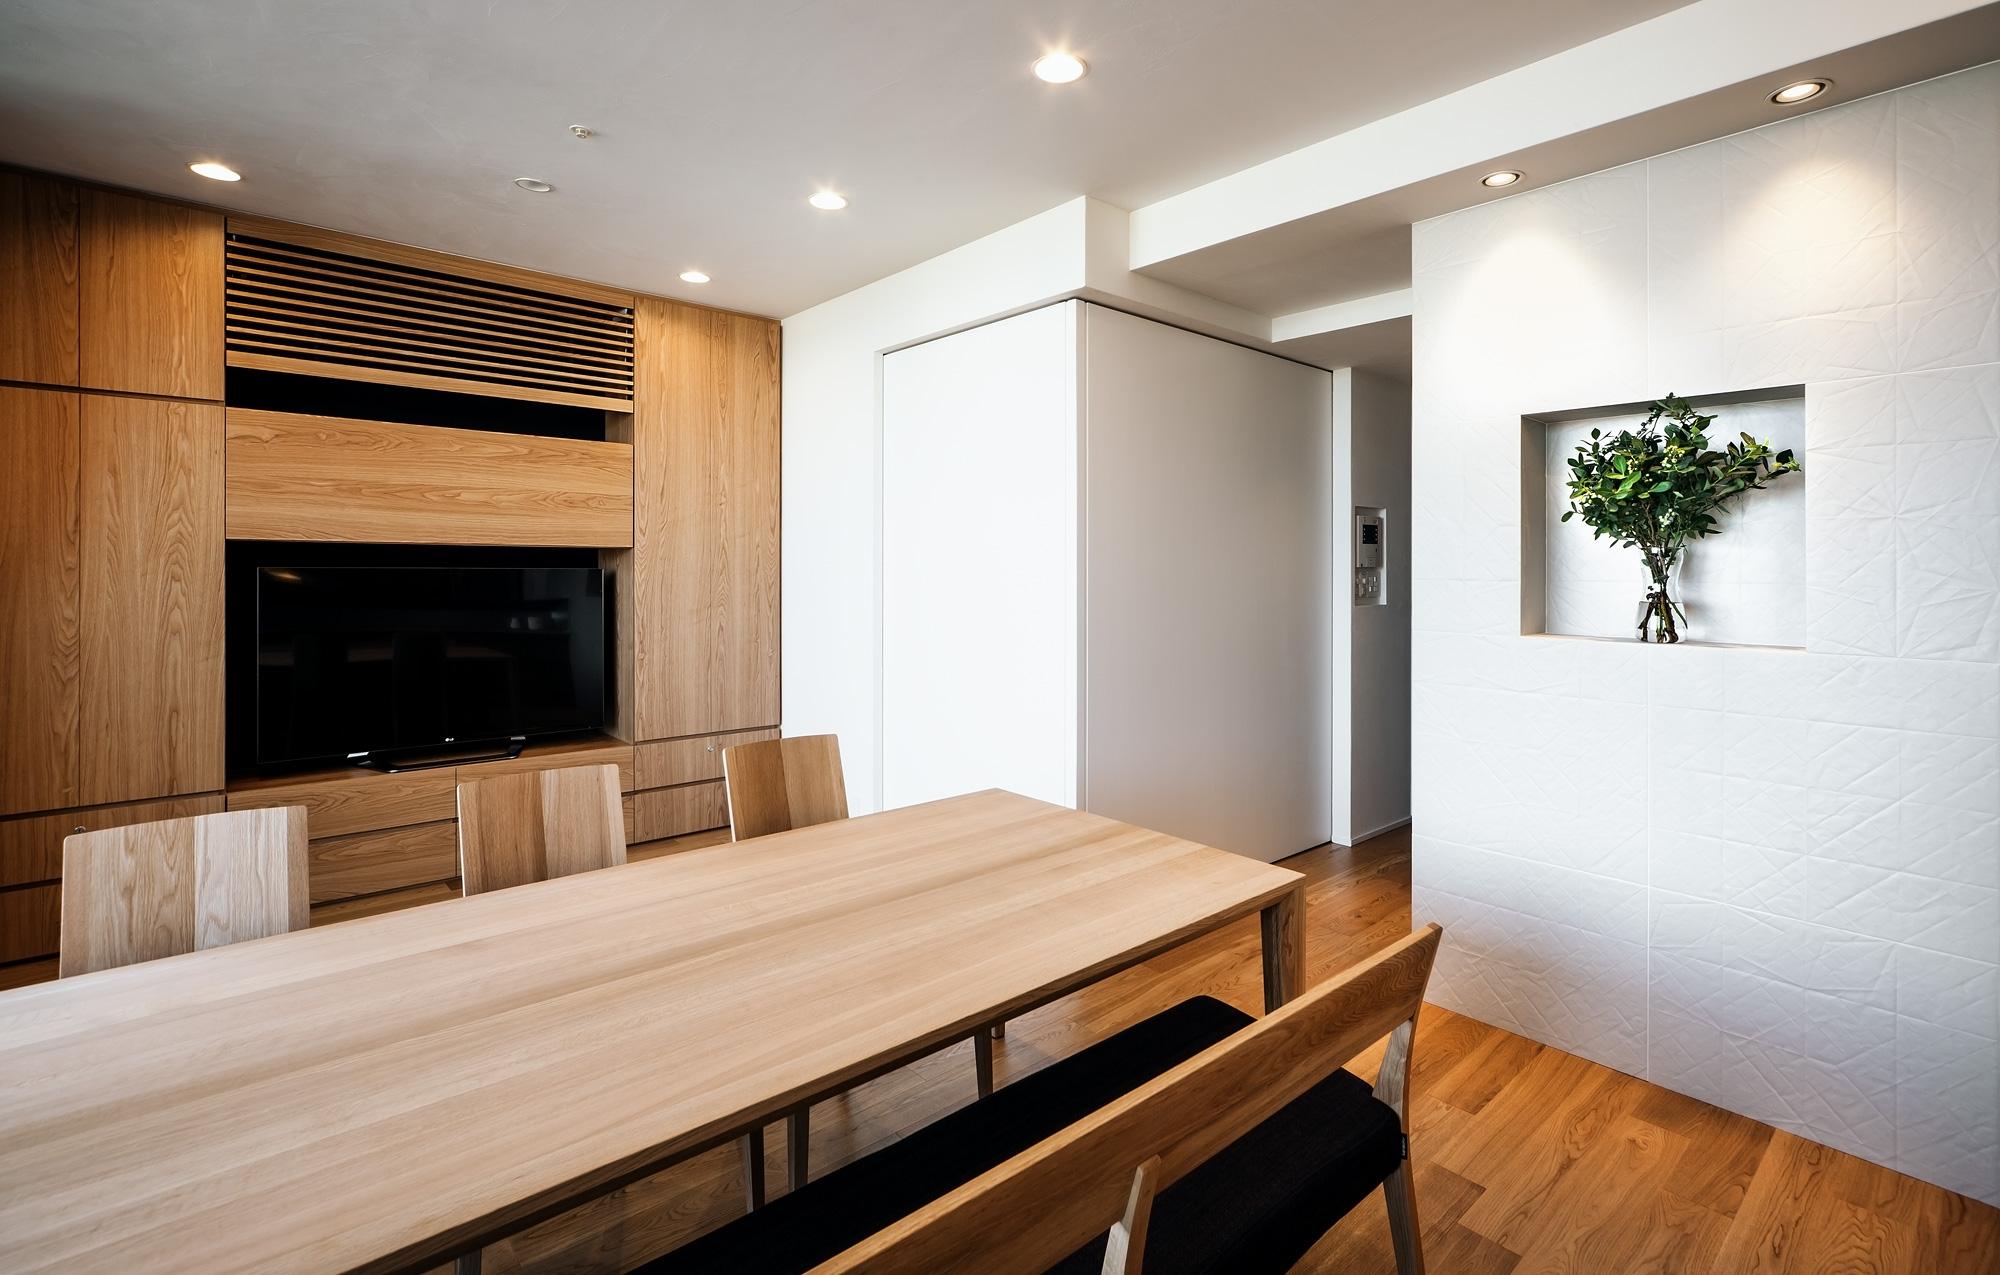 キッチンよりリビング─子供たちの遊び部屋を見る: 子供たちの遊び部屋は、壁のようになる大型の建具を閉じることで将来は寝室に